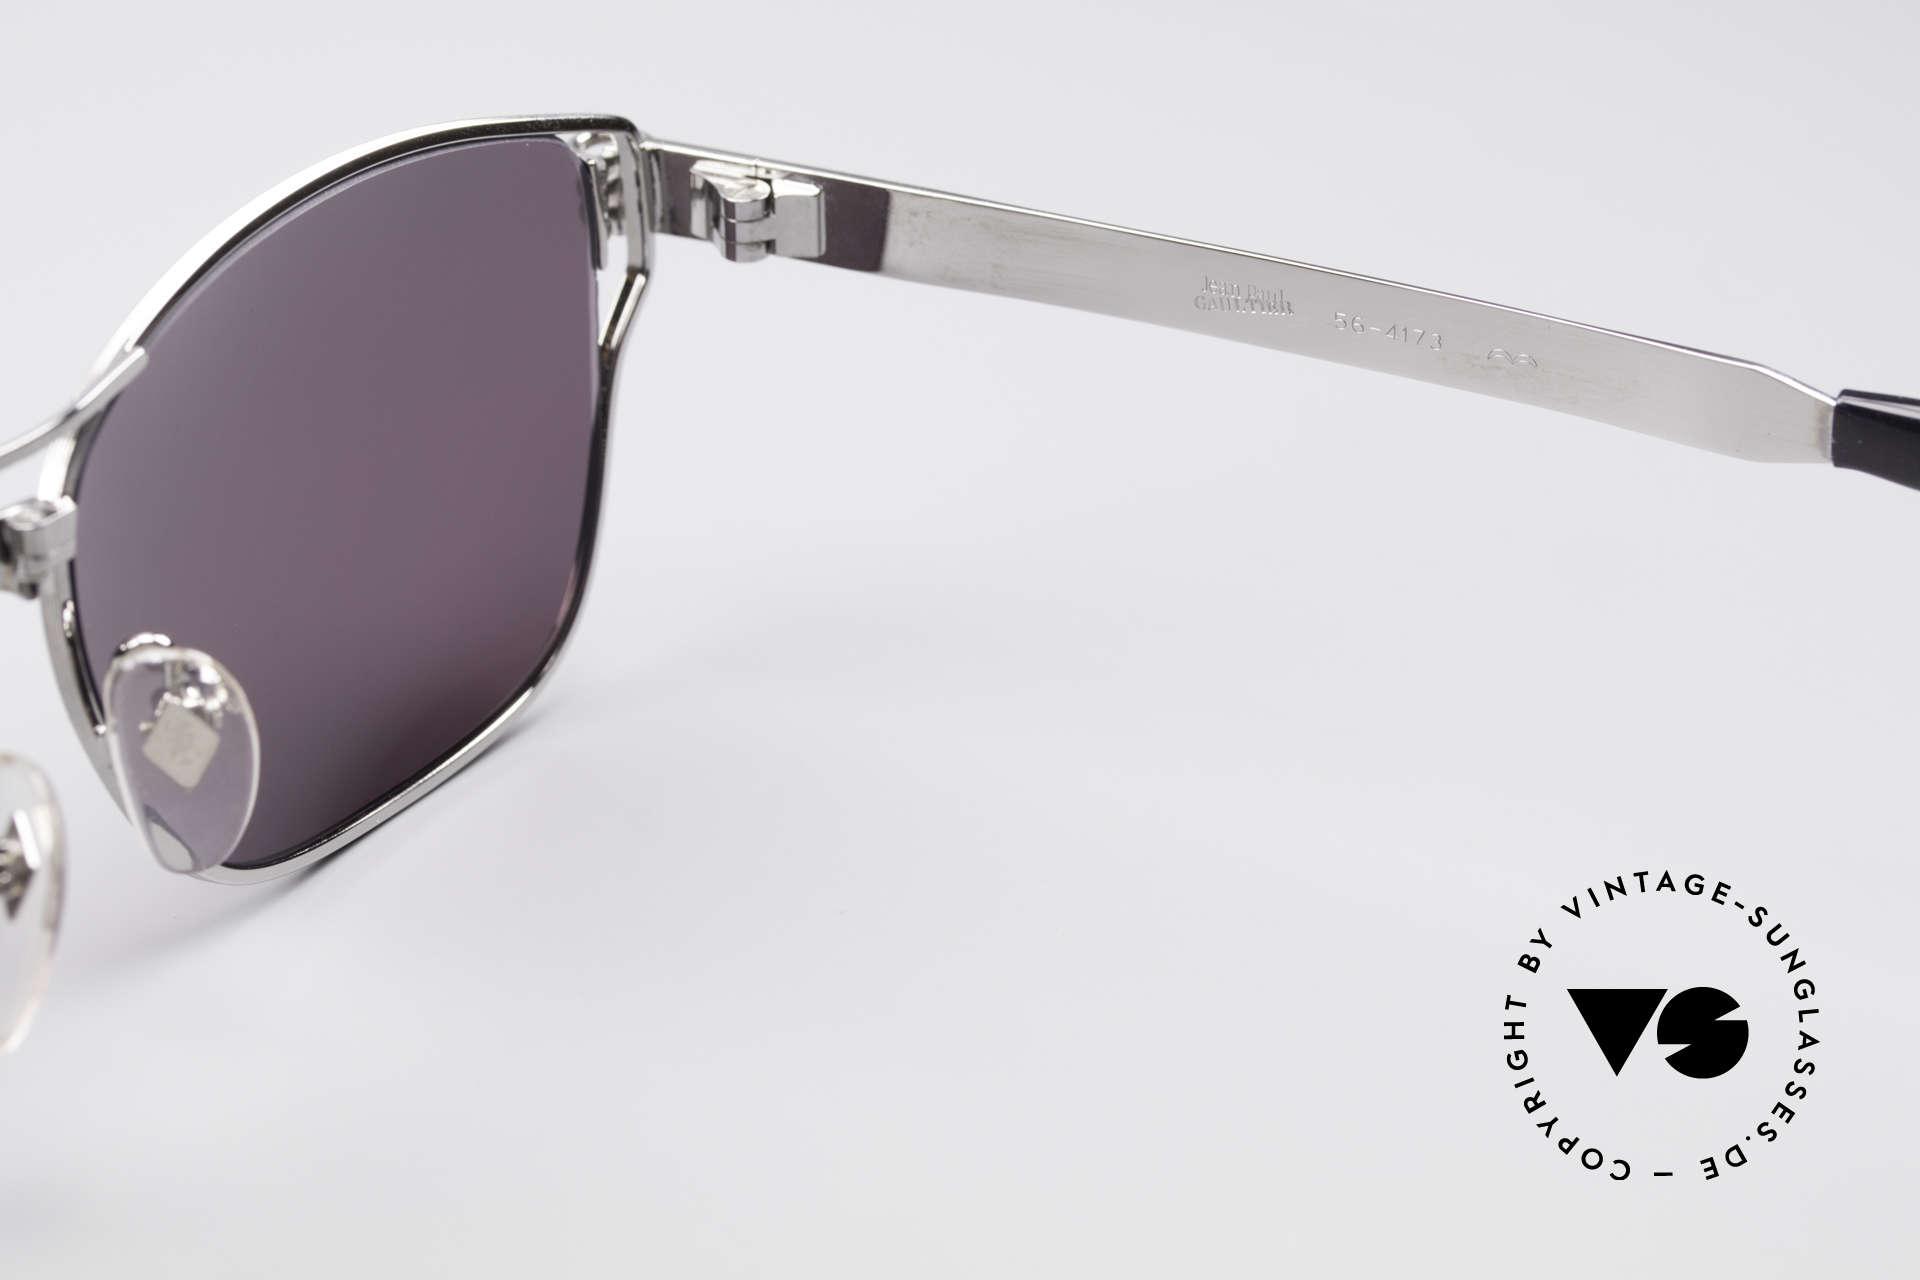 Jean Paul Gaultier 56-4173 Markante Eckige Sonnenbrille, Größe: large, Passend für Herren